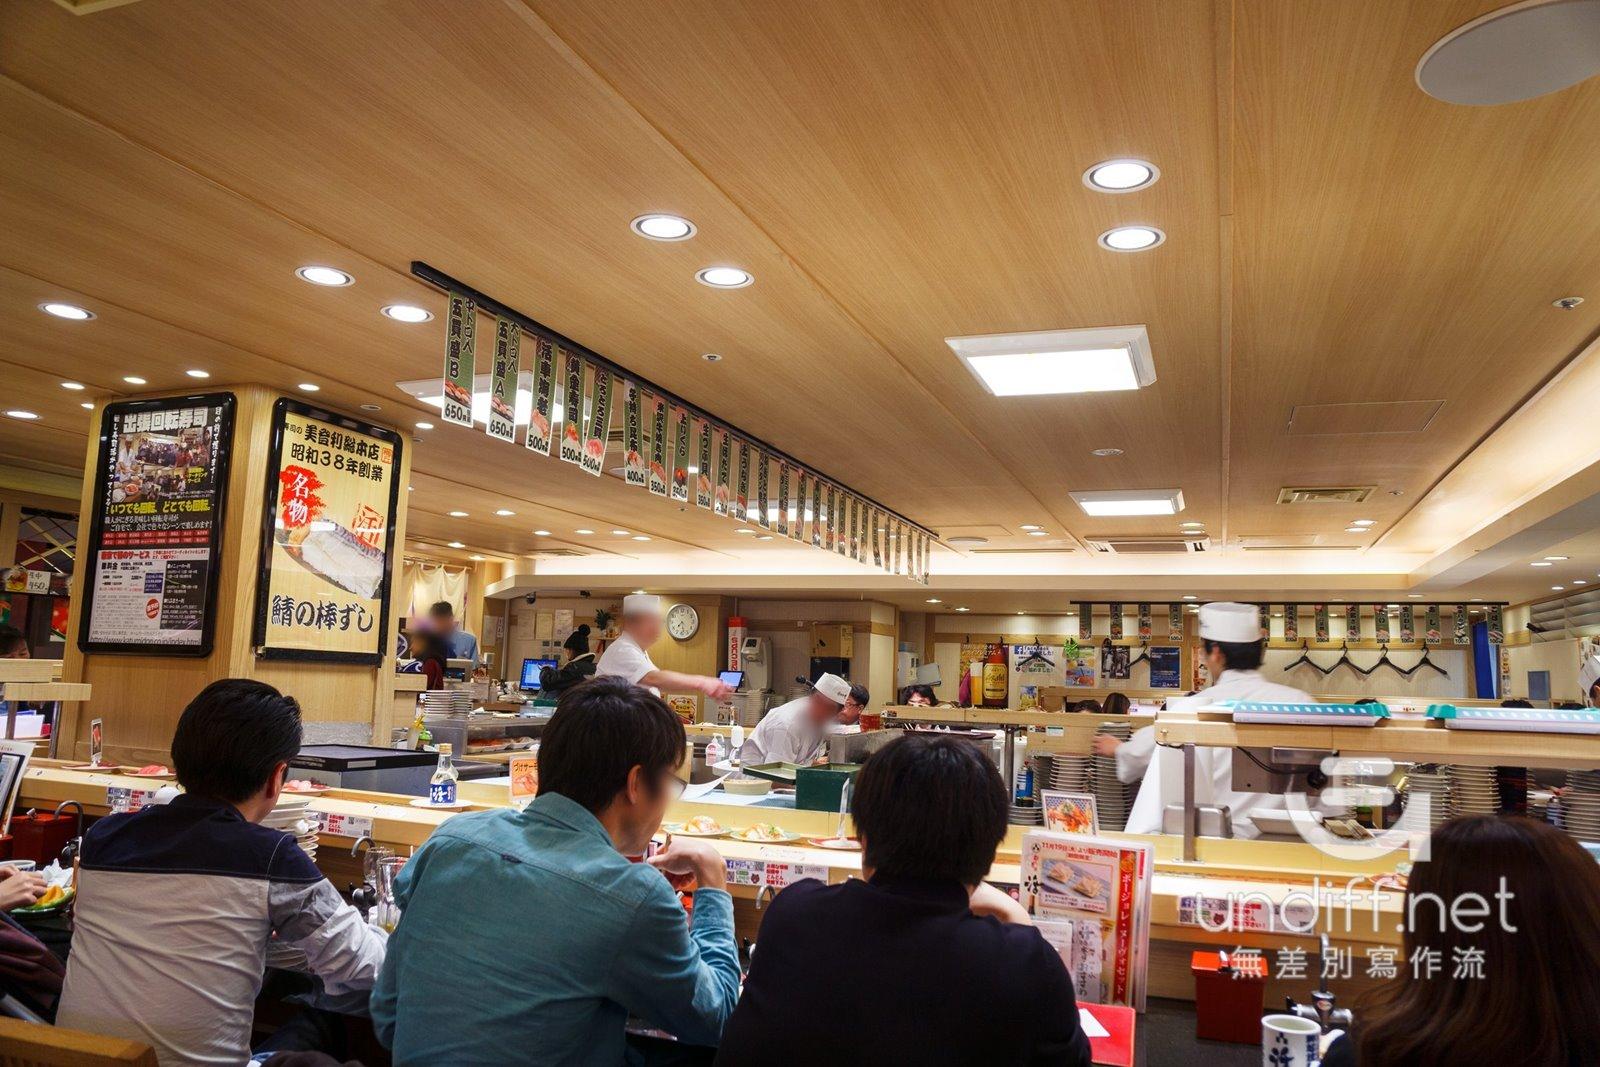 【東京美食】澀谷 回し寿司 活.美登利 西武澀谷店 》超值新鮮又美味的迴轉壽司 16